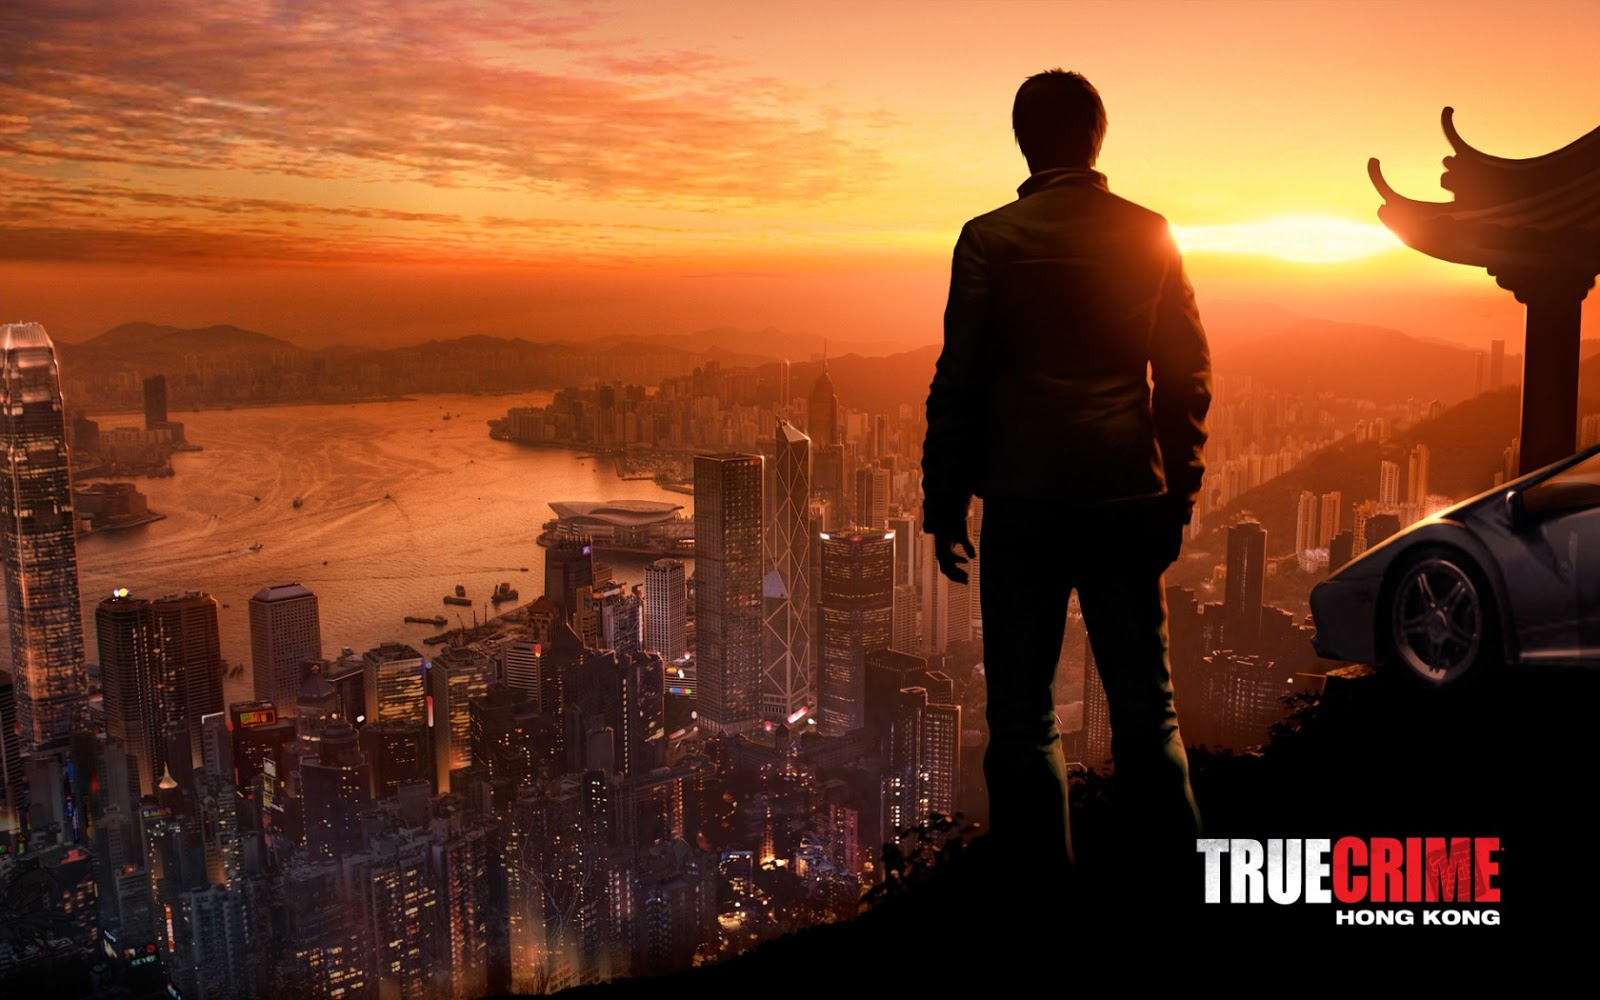 http://4.bp.blogspot.com/-xw9KXexTD3U/UO_tALB4yeI/AAAAAAAABoo/YuPacxK0QY0/s1600/True_Crime_Hong_Kong_1680+x+1050+widescreen.jpg